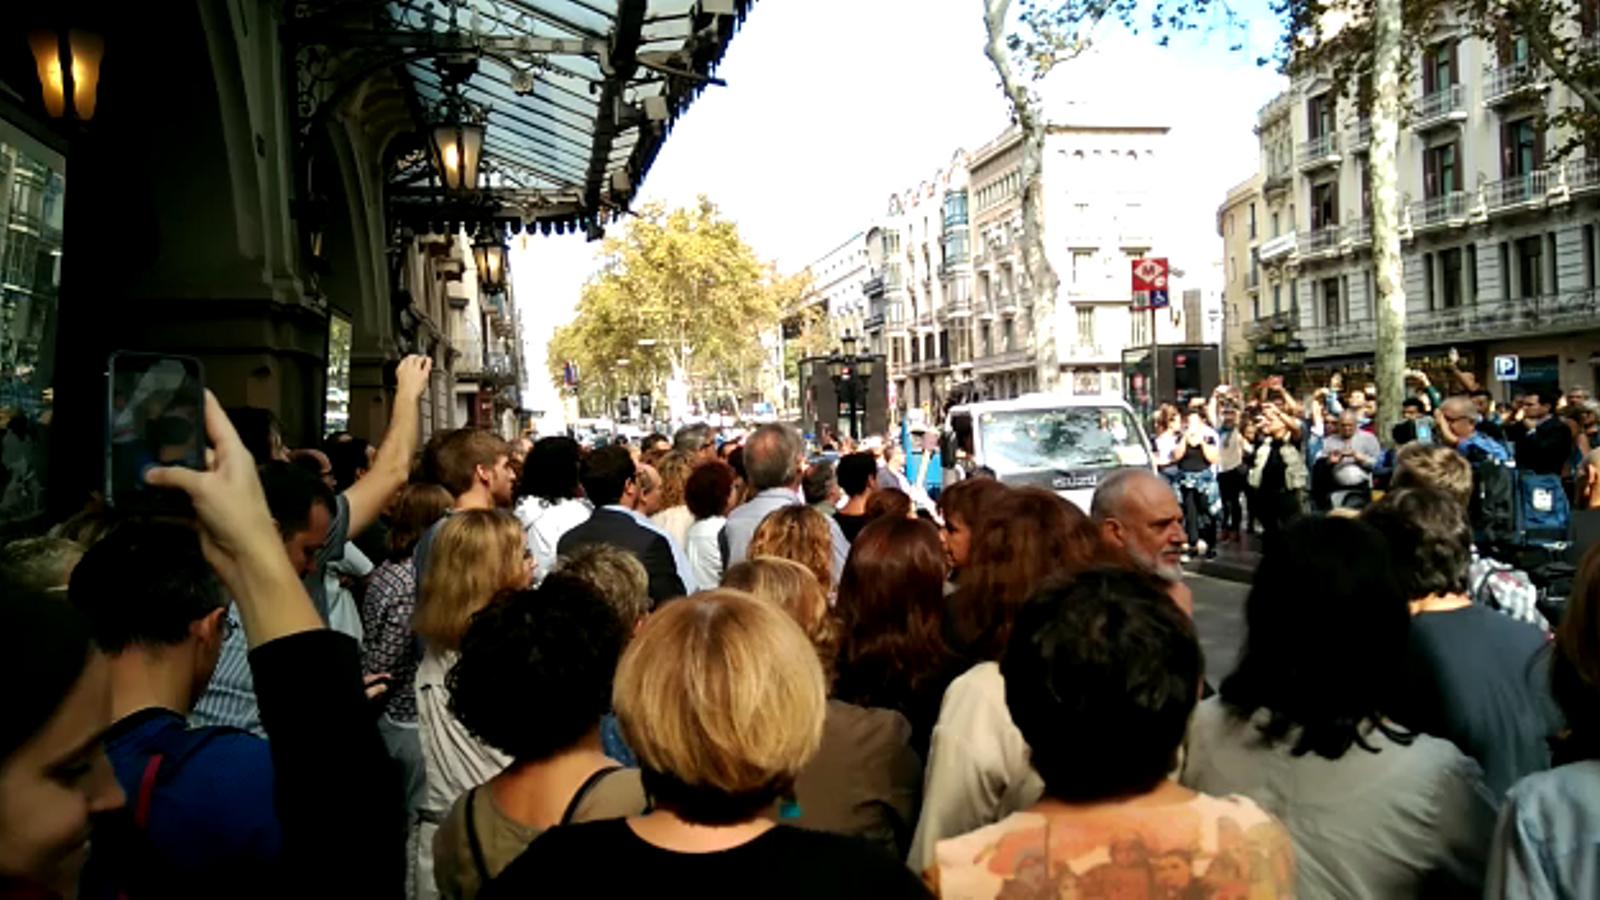 'Va pensiero'. Així han protestat el Cor del Liceu contra la repressió policial